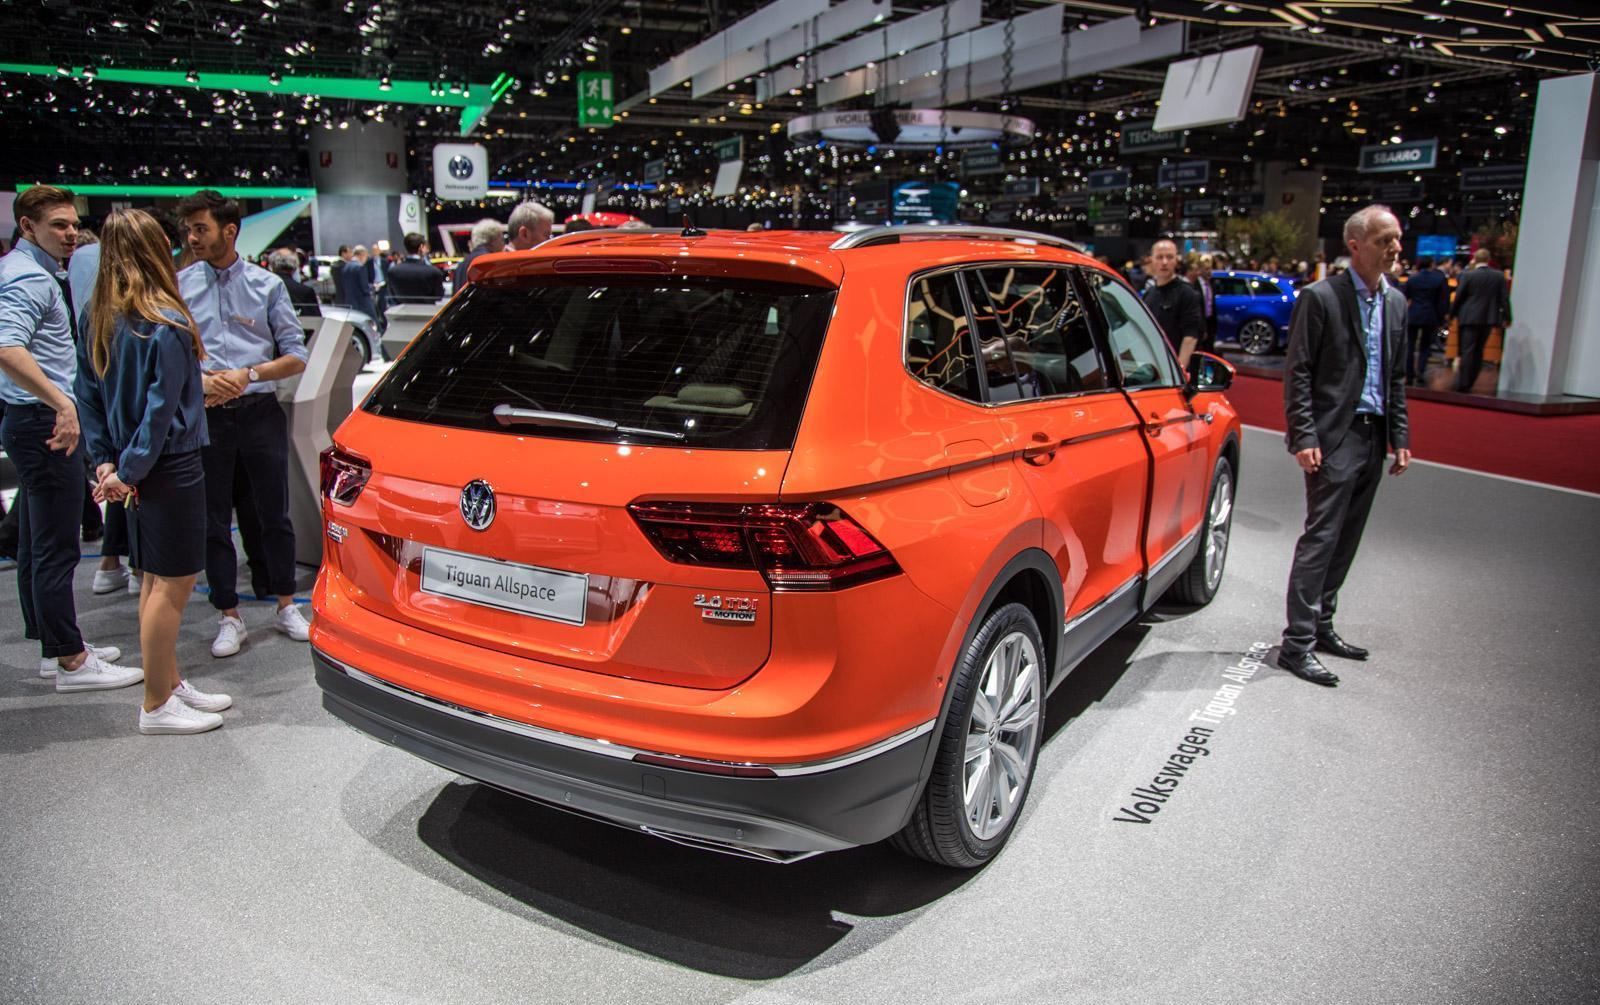 Volkswagen-Tiguan-Allspace-011